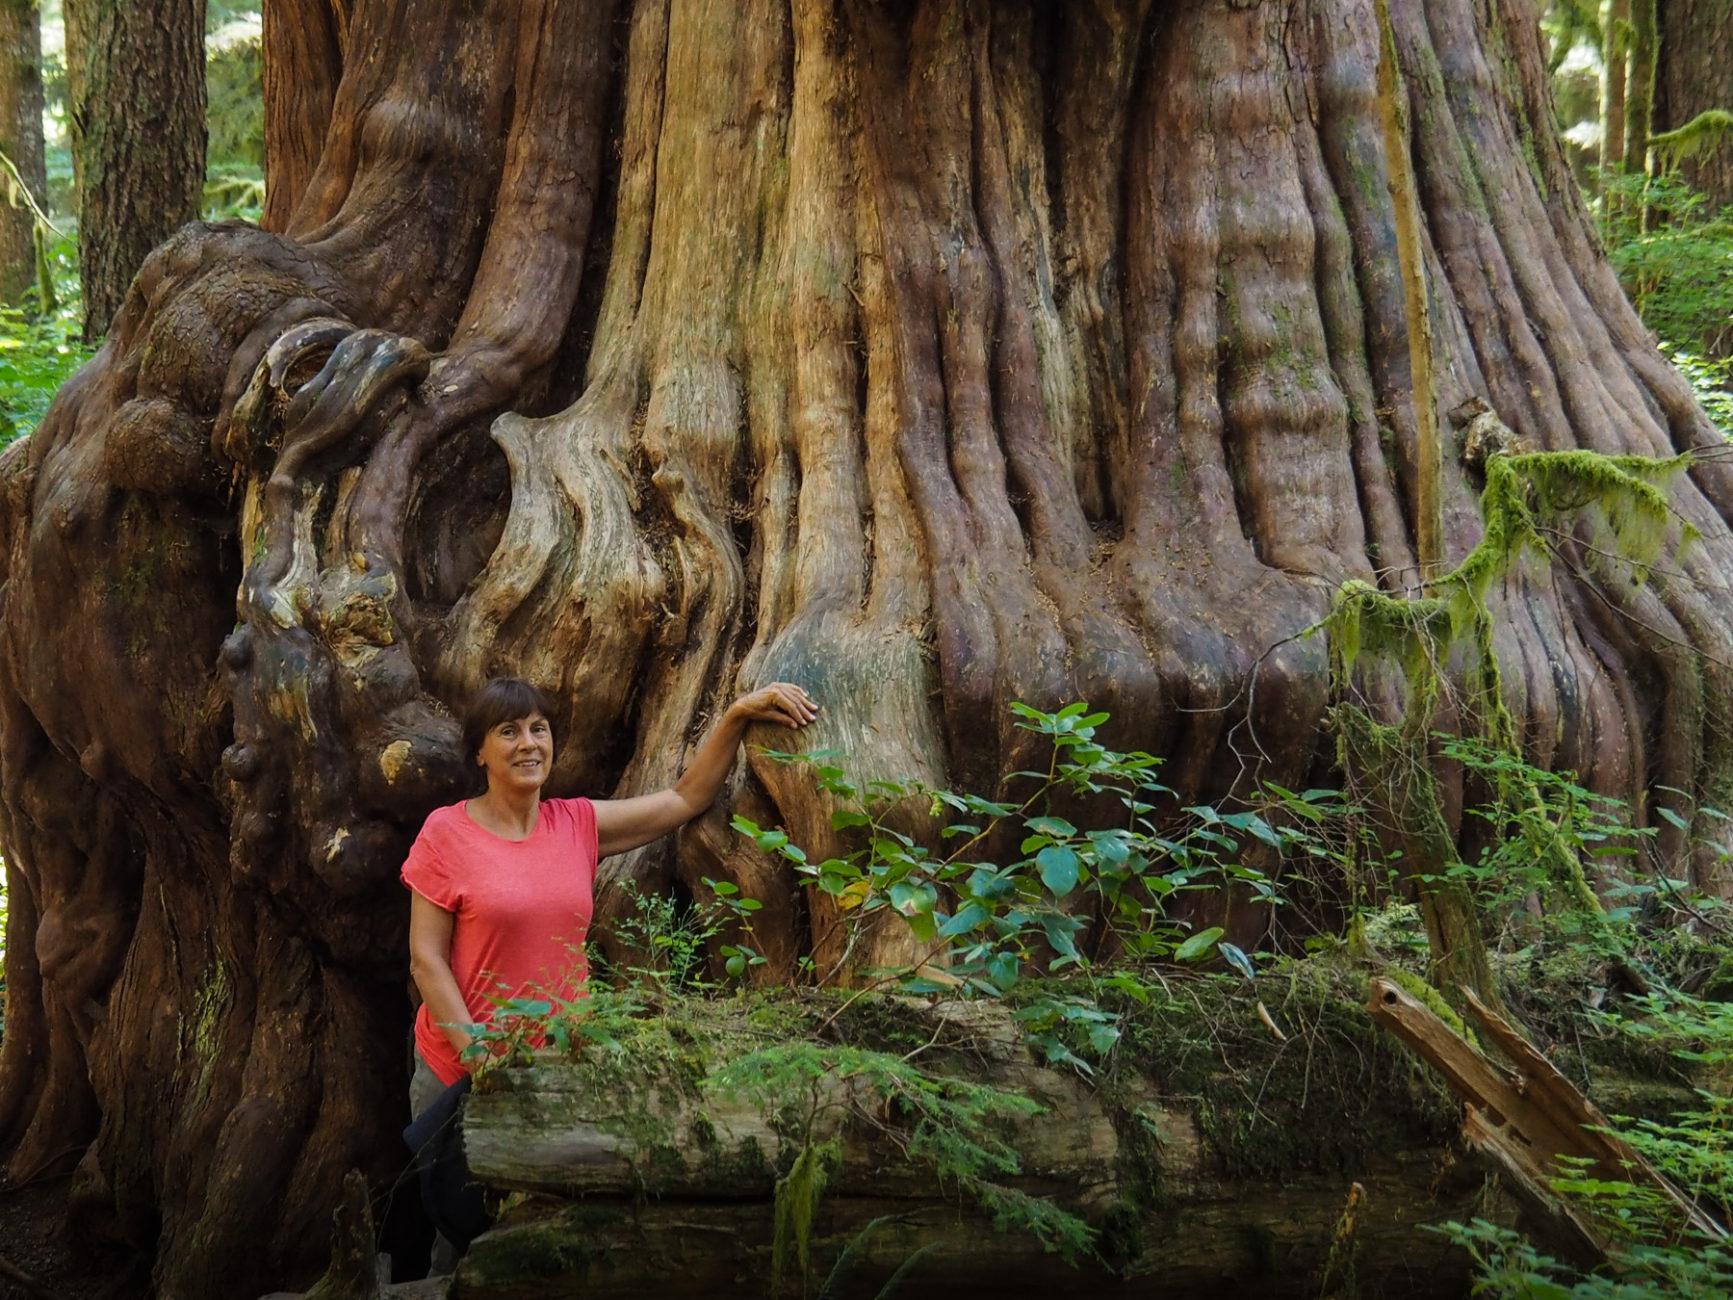 Avatar Grove, urzeitlicher versteckter Regenwald